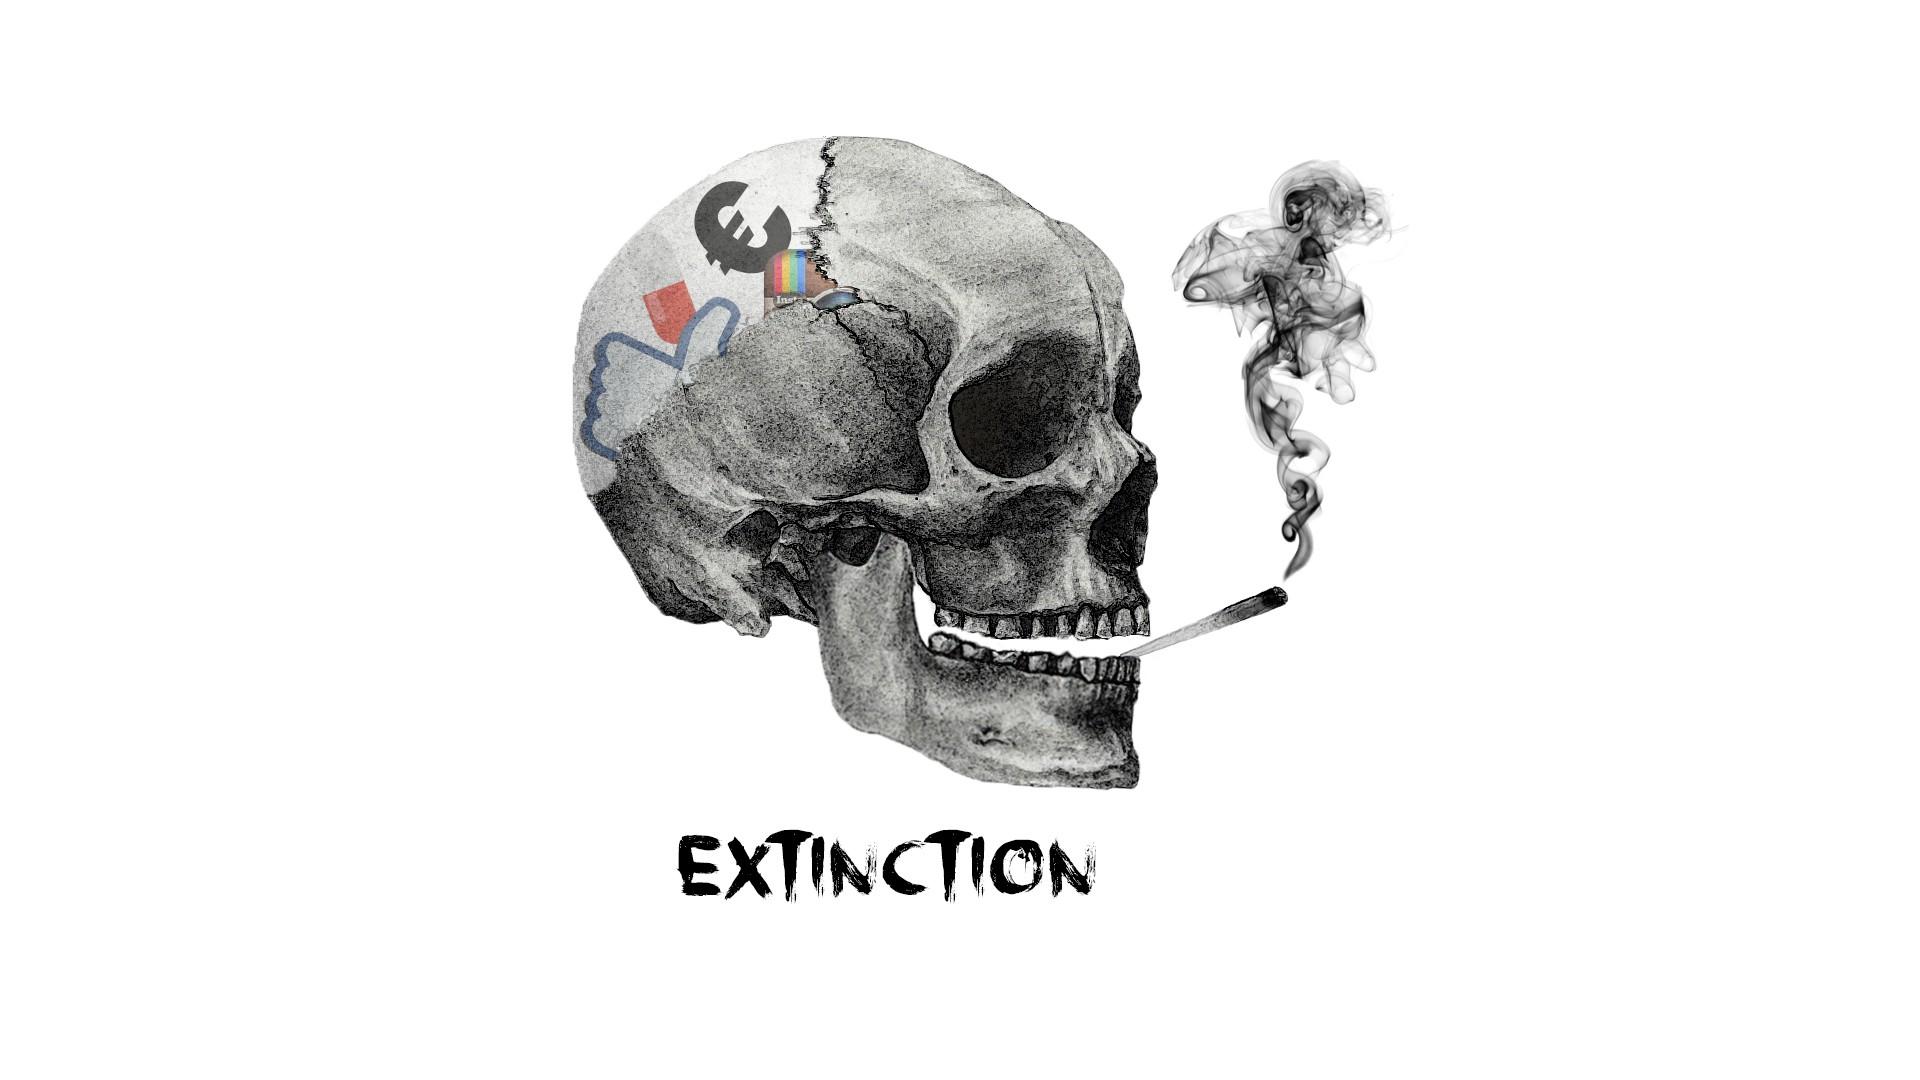 Hintergrundbilder : Illustration, abstrakt, Rauch, einfach, Schädel ...